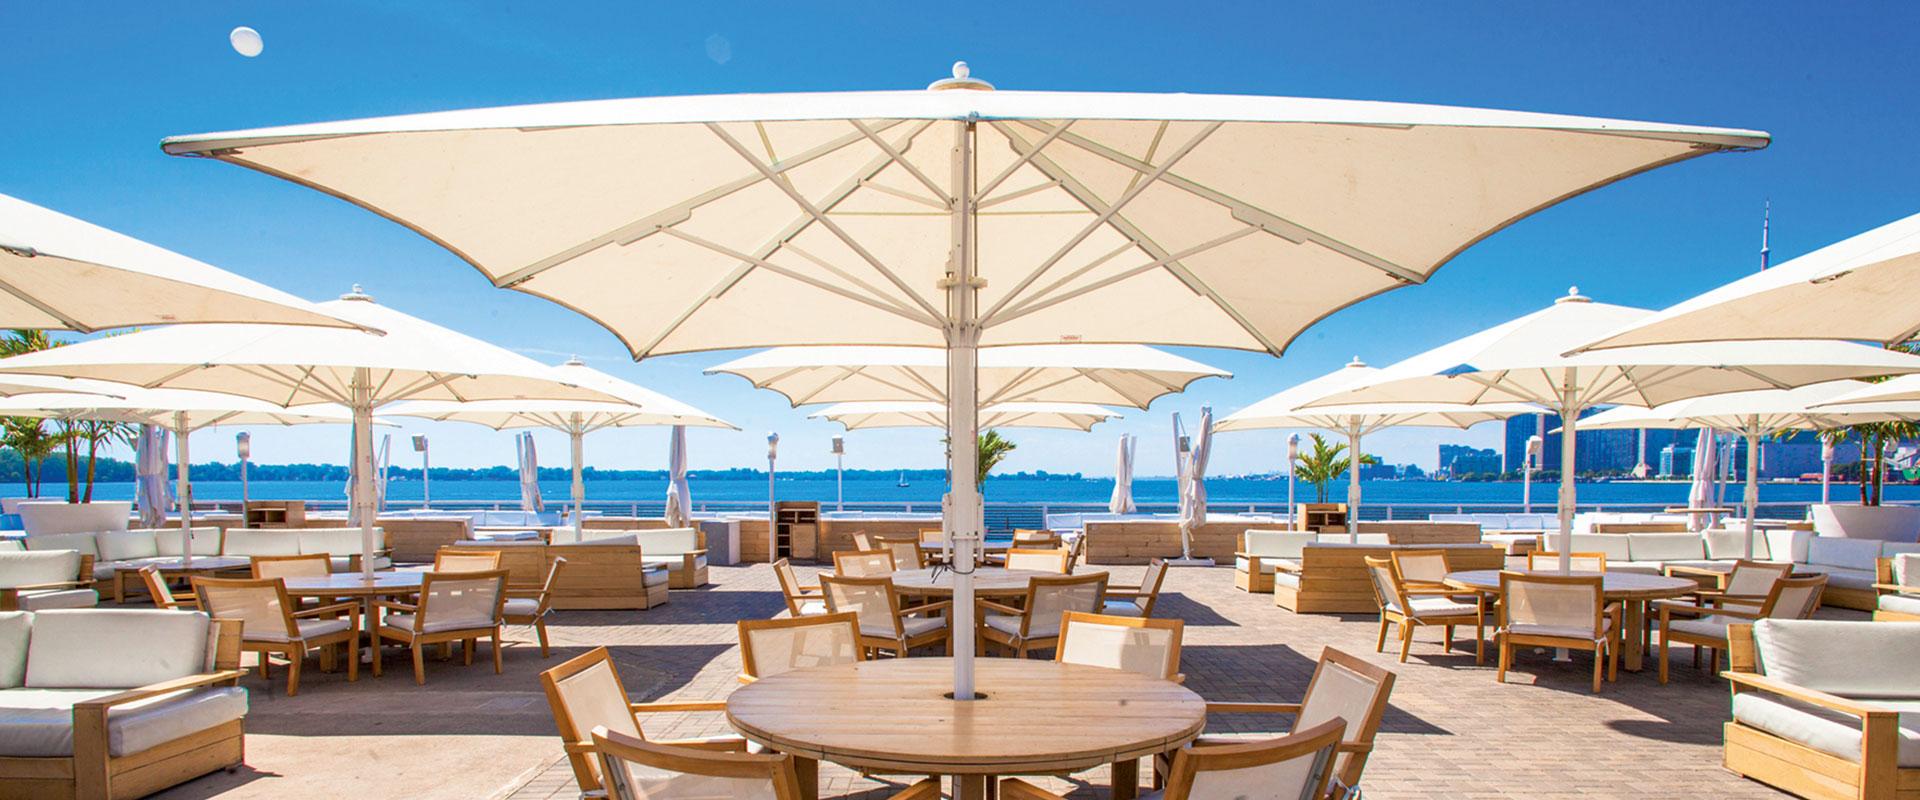 Bahama Jumbrella Produkt Bild Slider